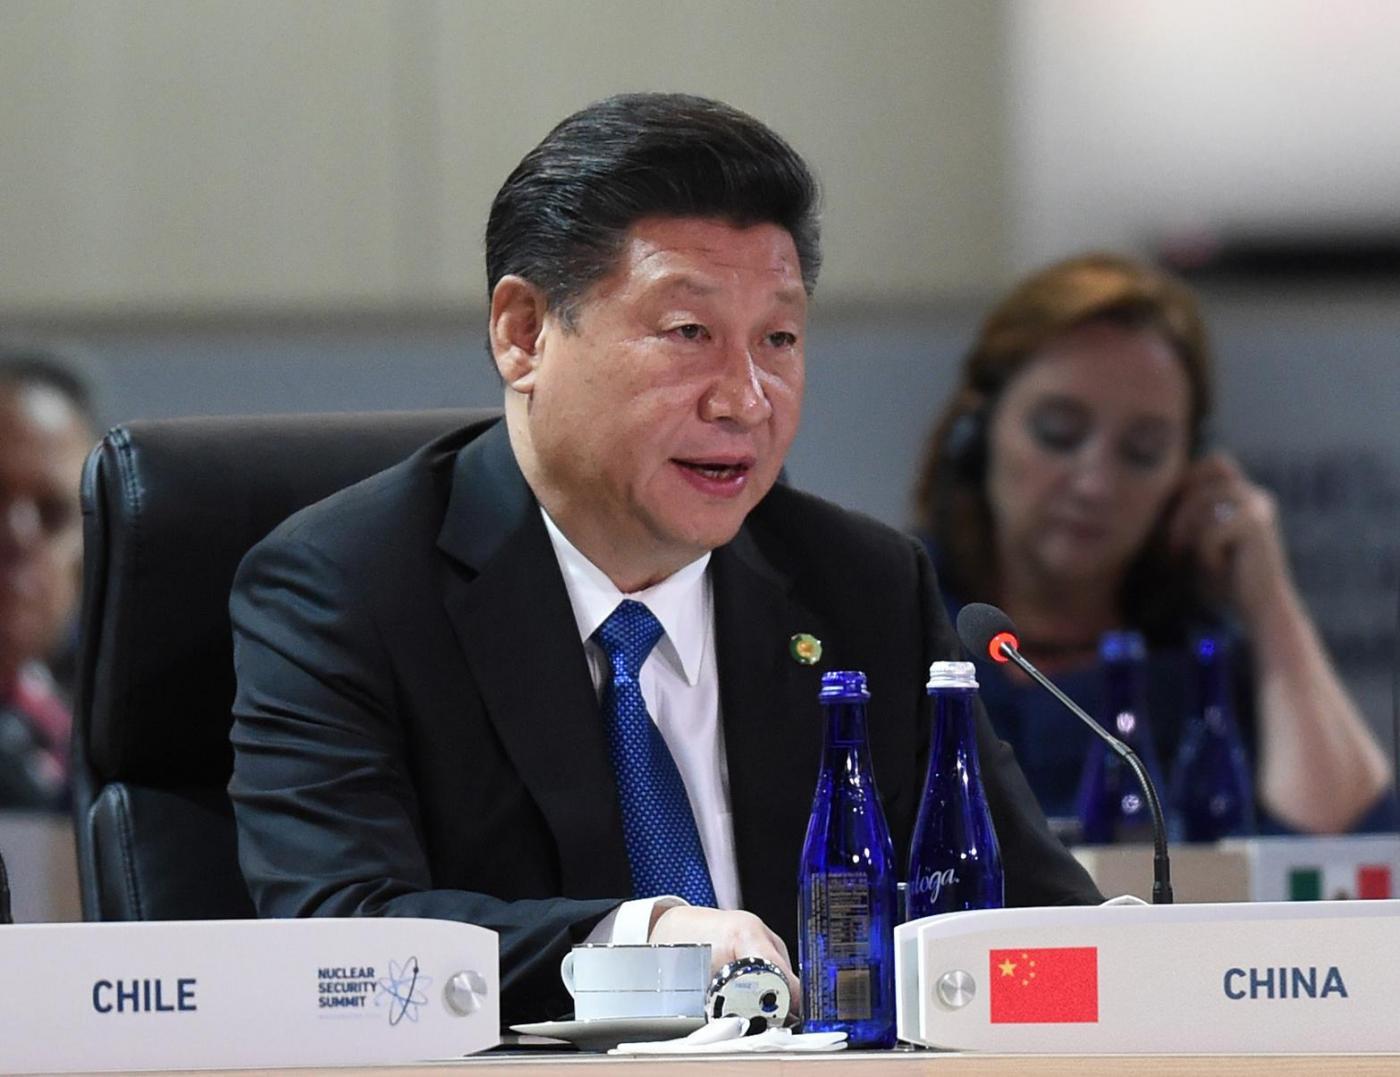 U.S. WASHINGTON D.C. CHINA XI JINPING NUCLEAR SECURITY SUMMIT